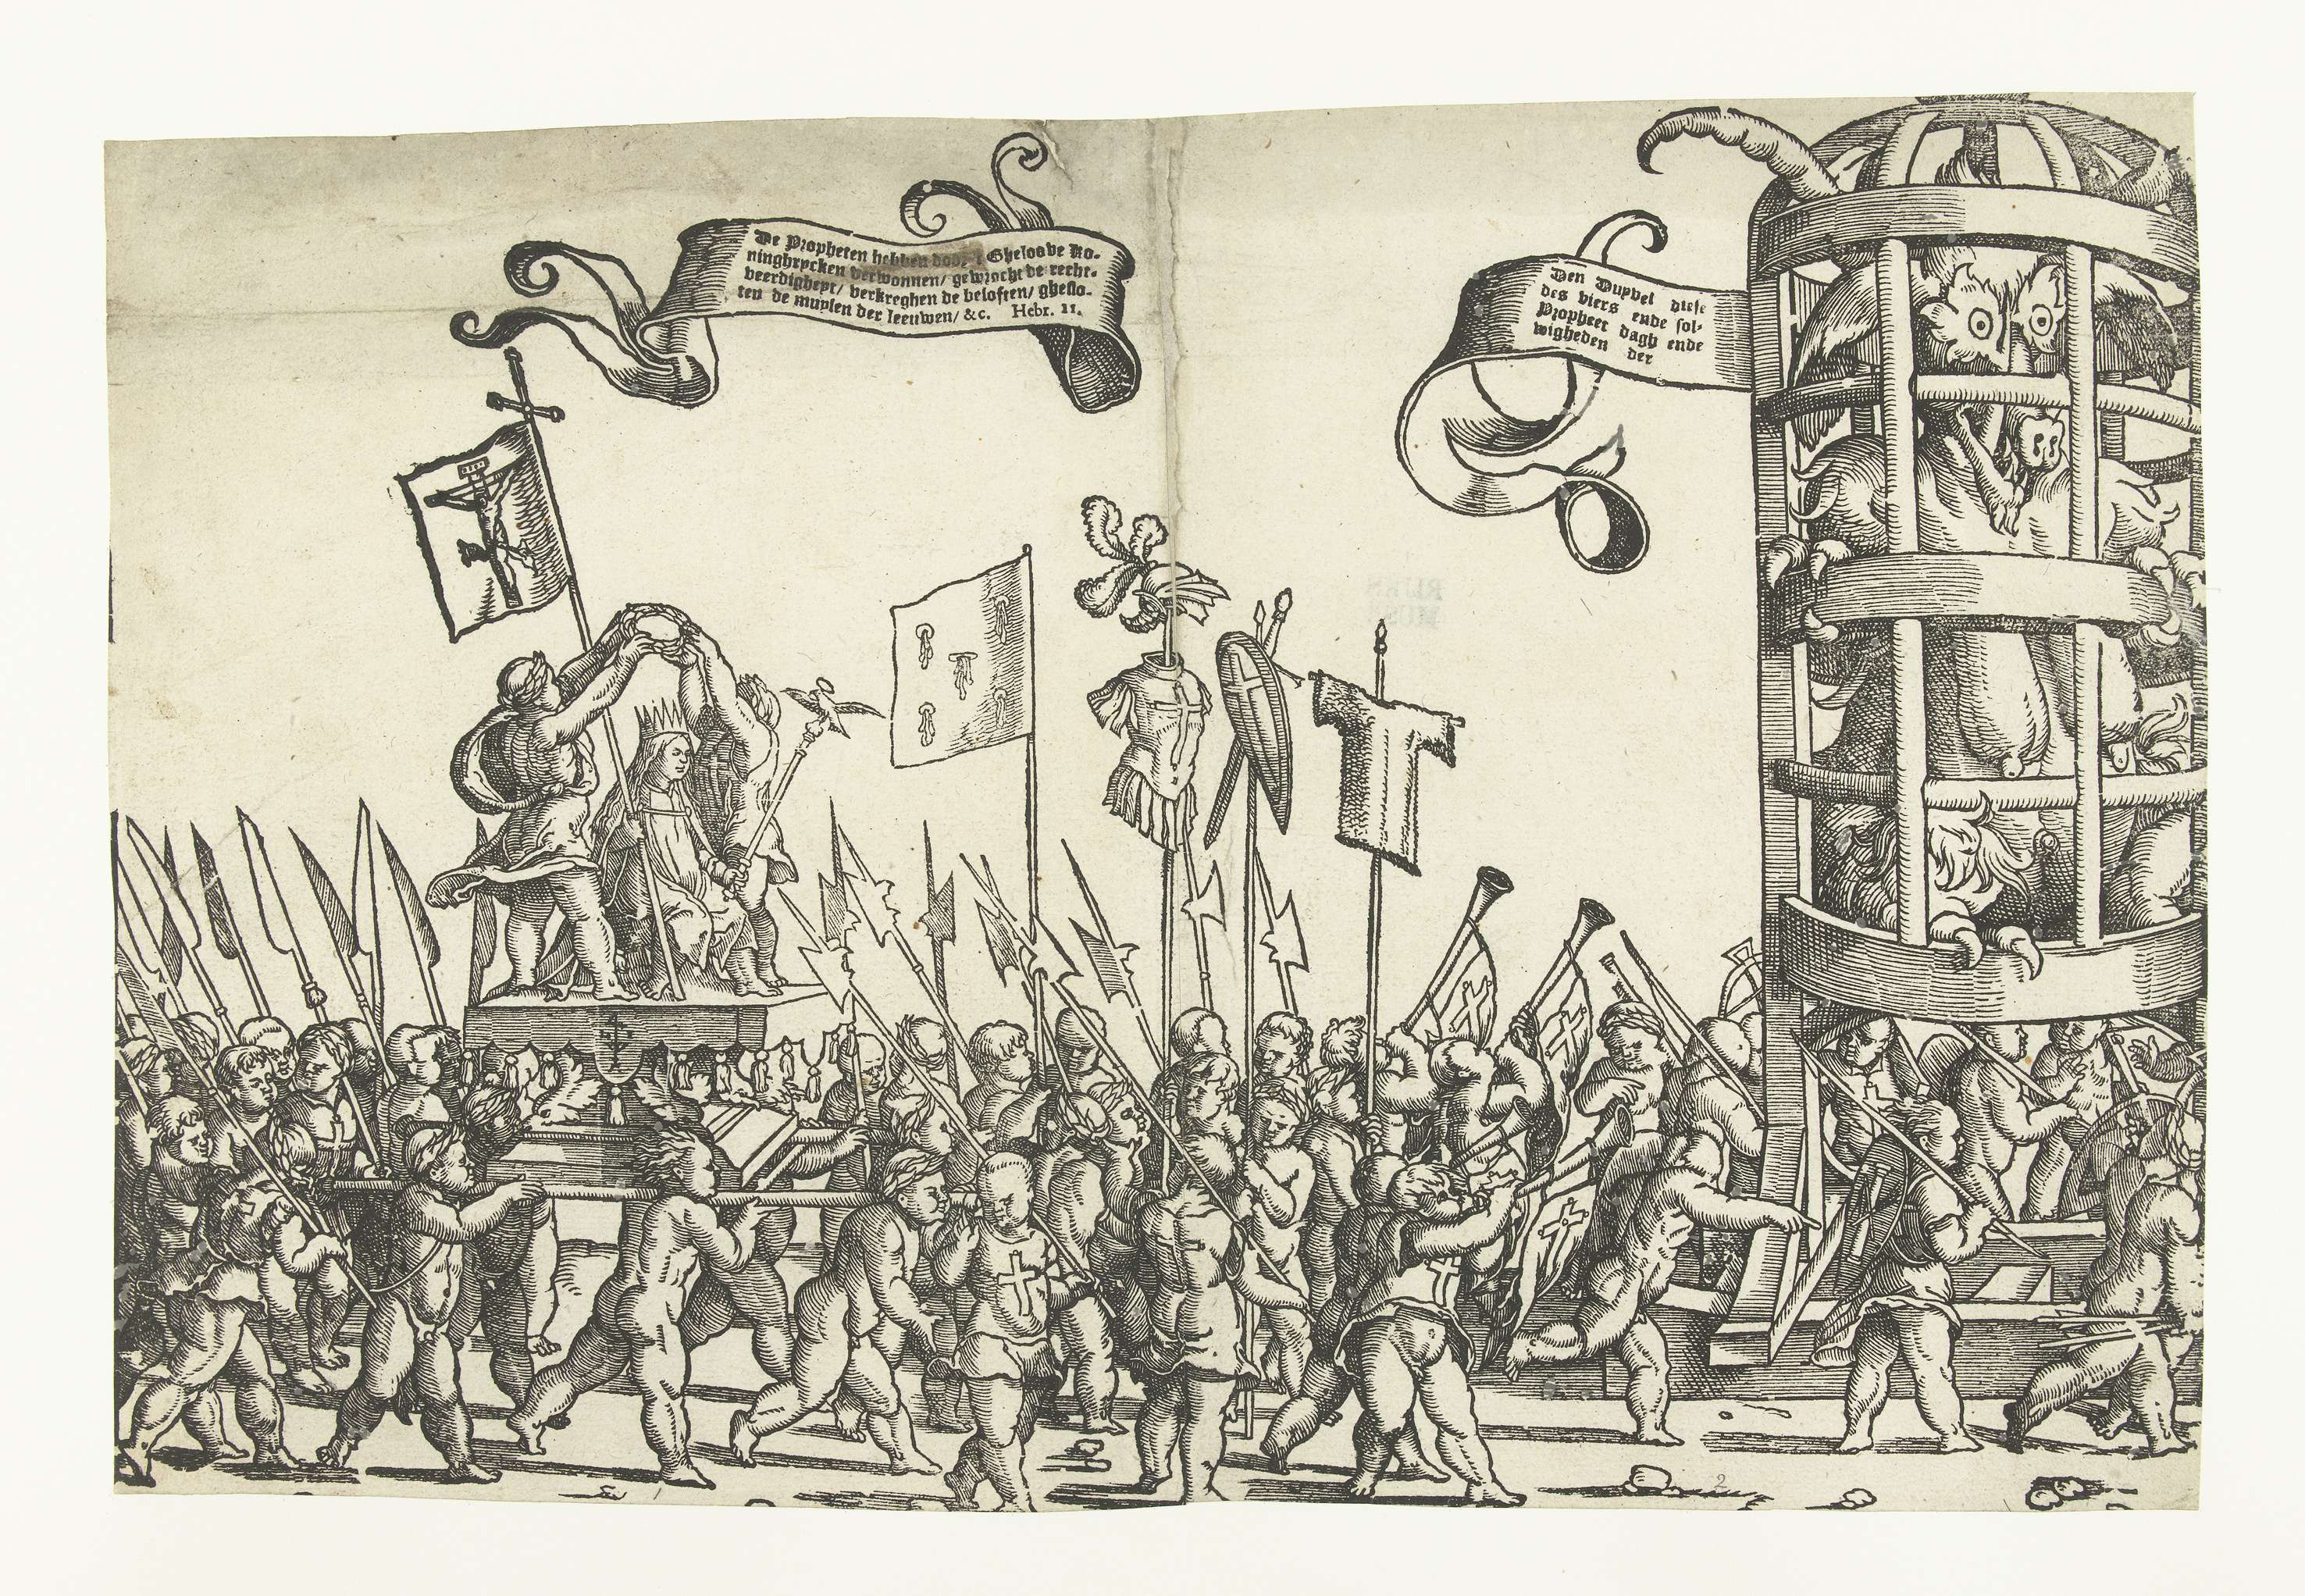 Monogrammist LIW - Children's Crusade (1) 1522 - 1532 ...